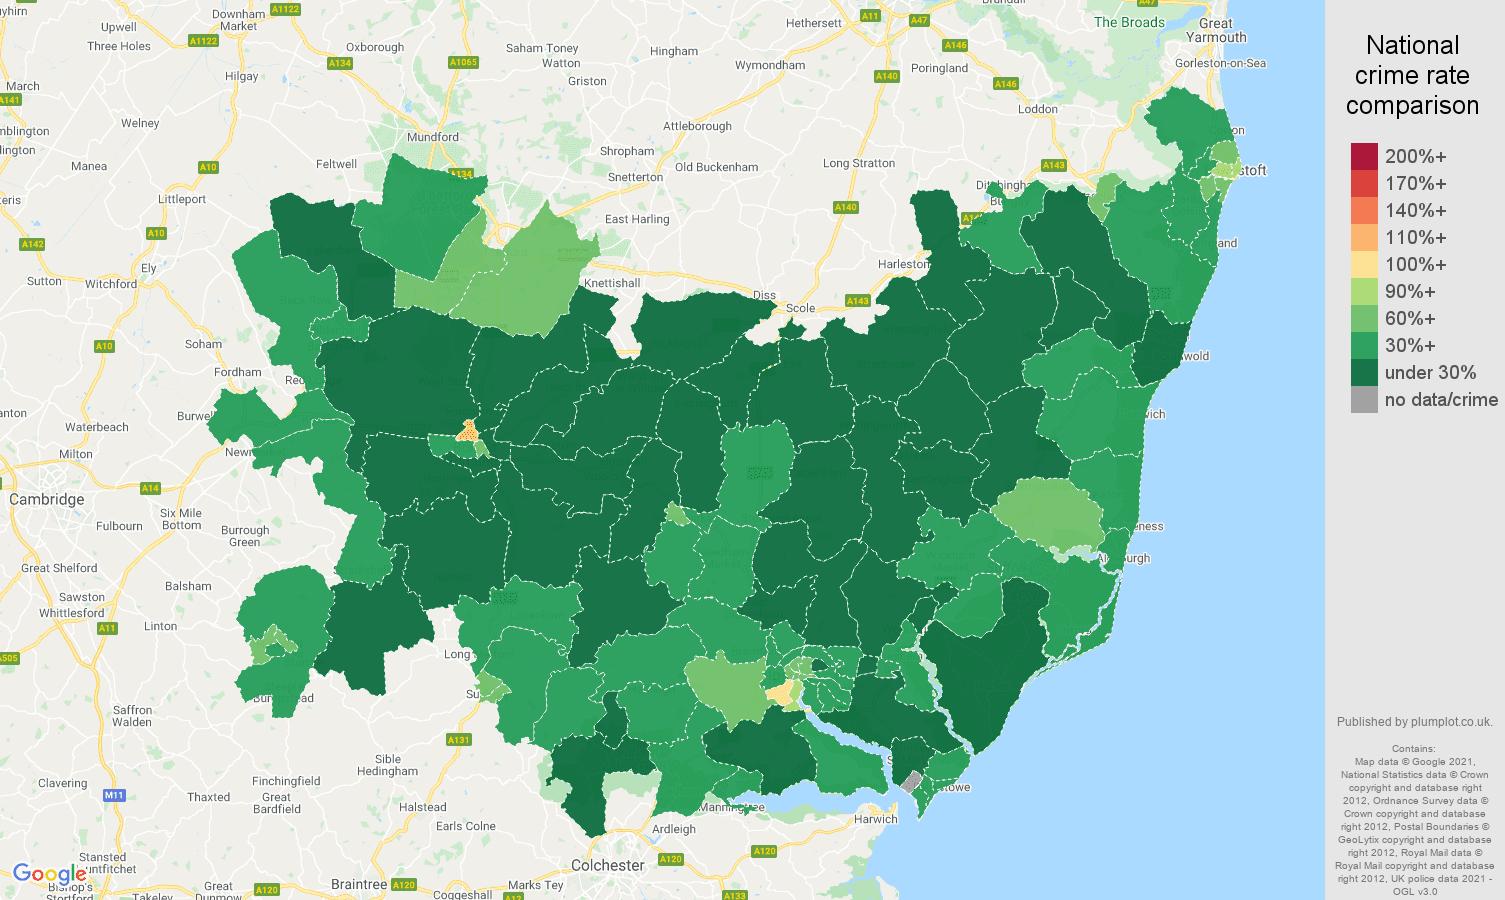 Suffolk antisocial behaviour crime rate comparison map